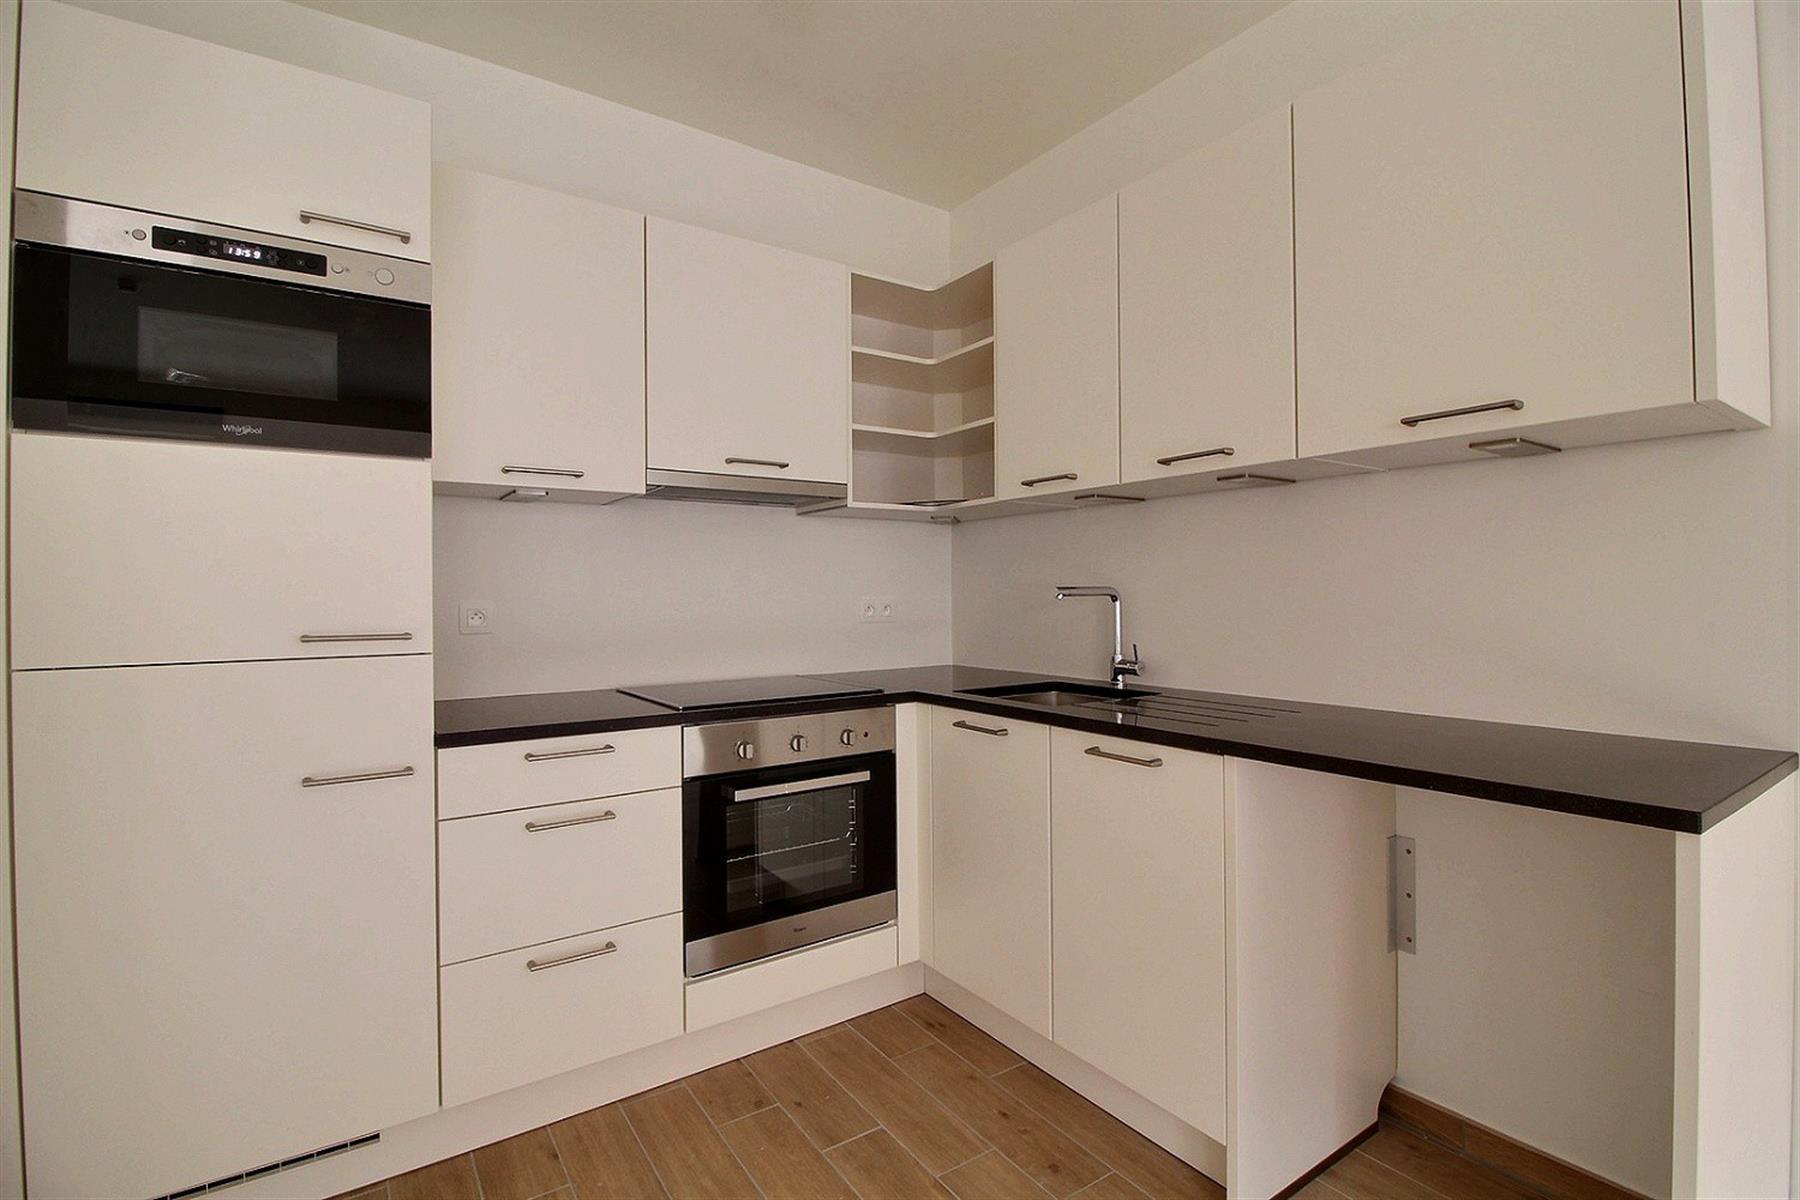 Appartement - Ottignies-Louvain-la-Neuve Louvain-la-Neuve - #4188555-2